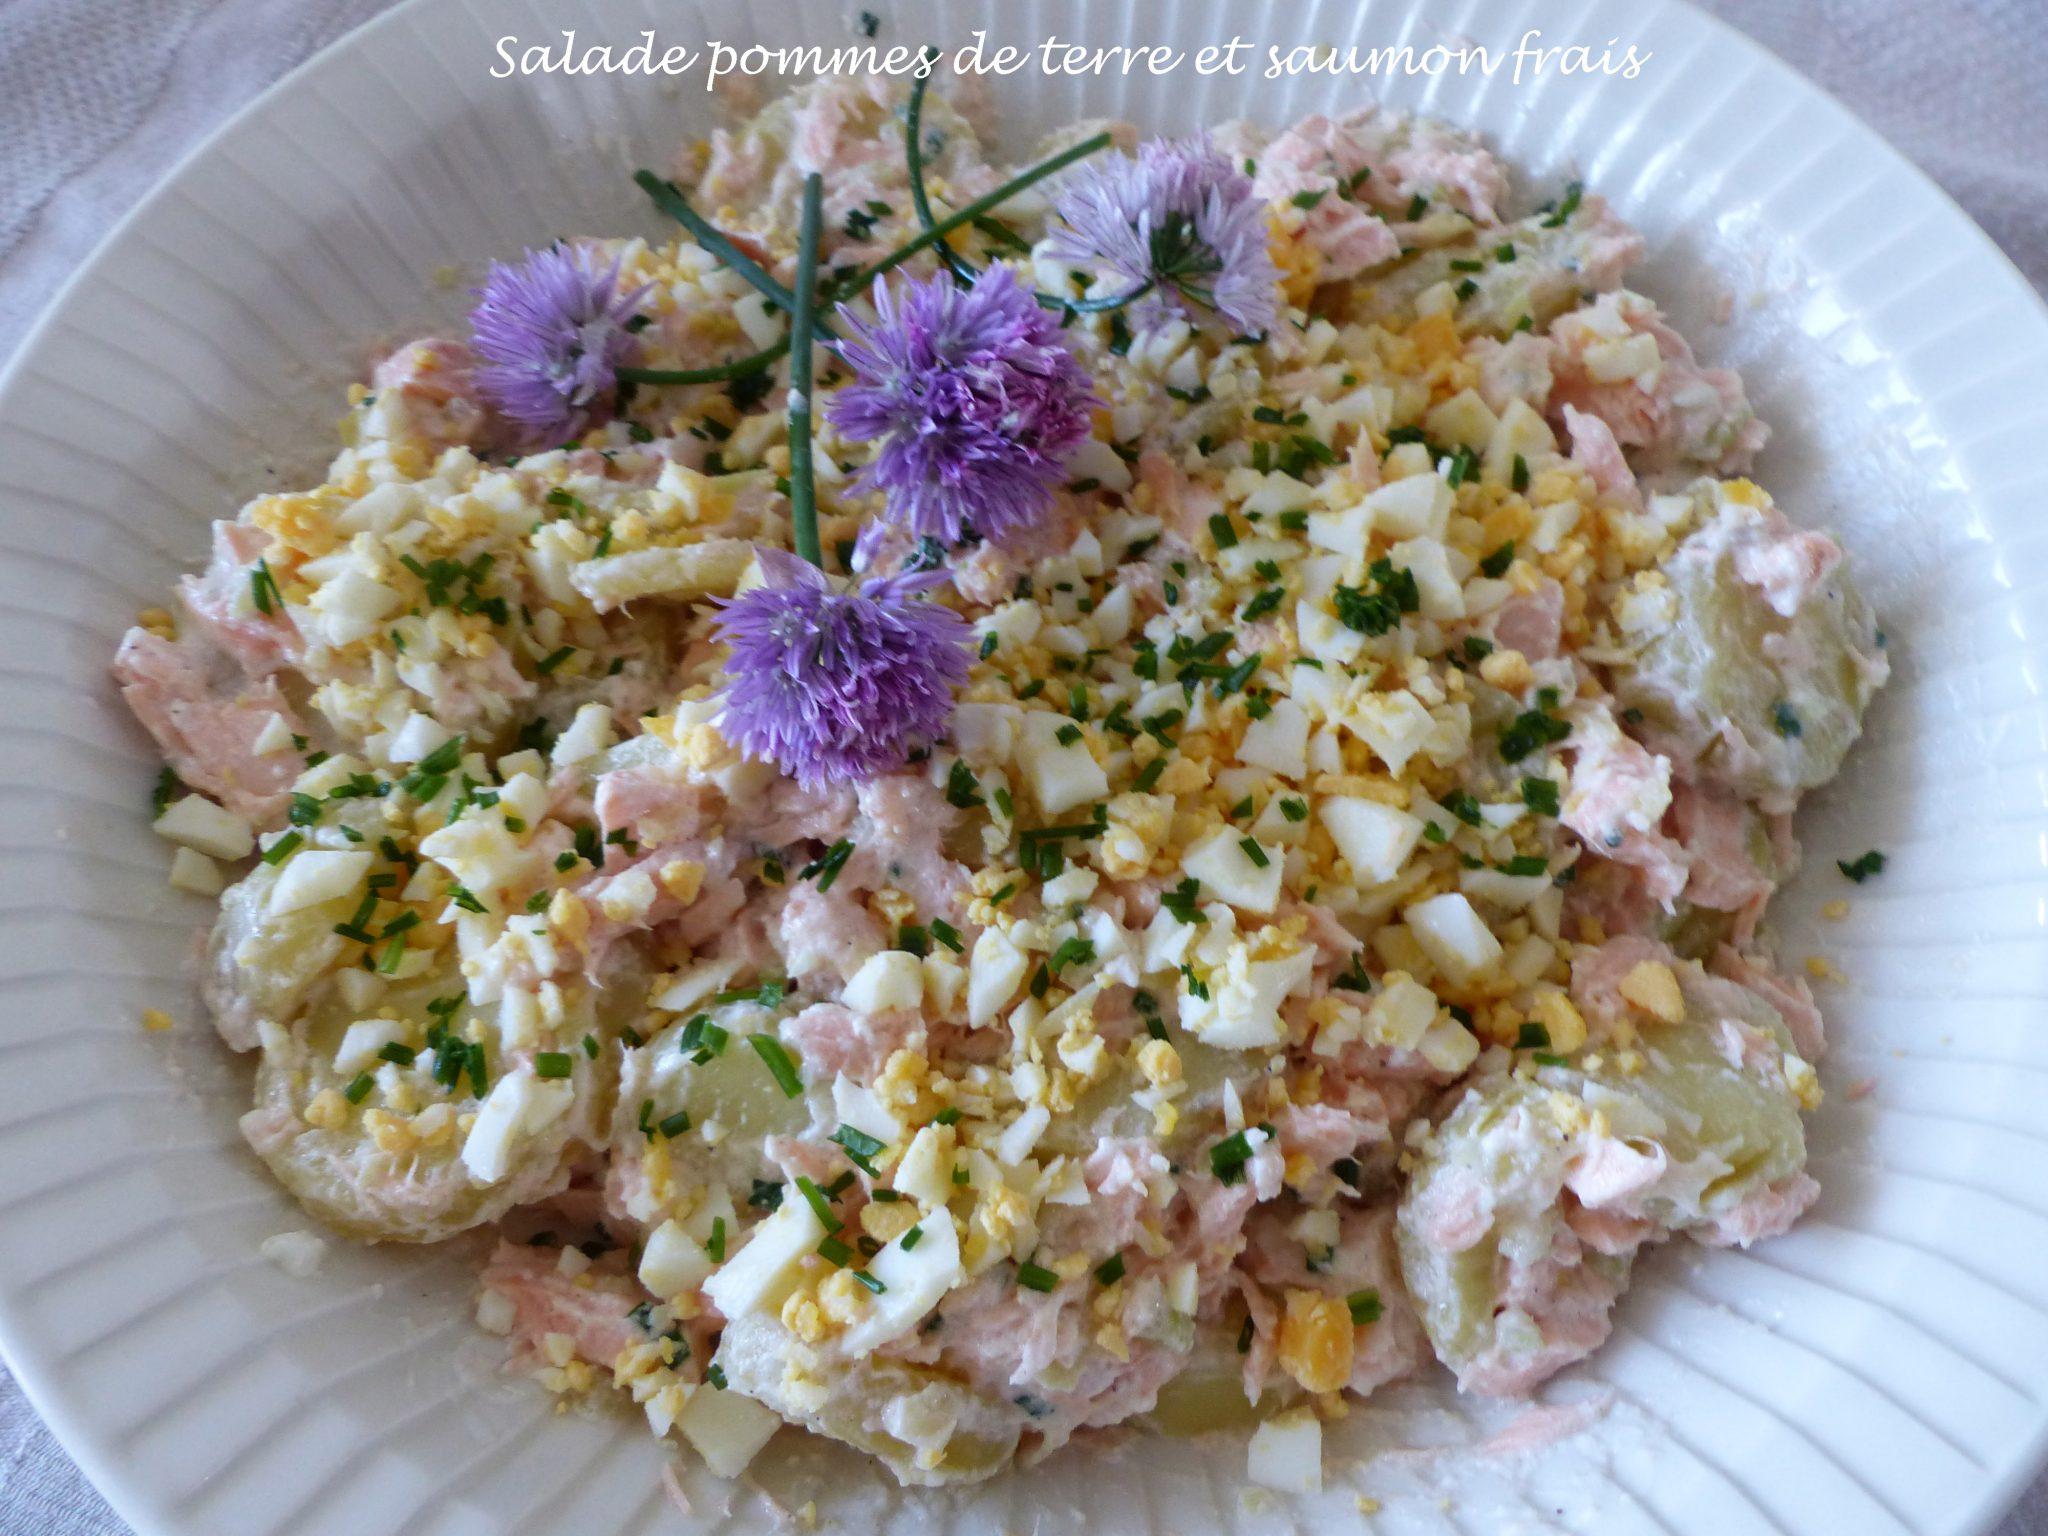 Salade pommes de terre et saumon frais P1100857 R